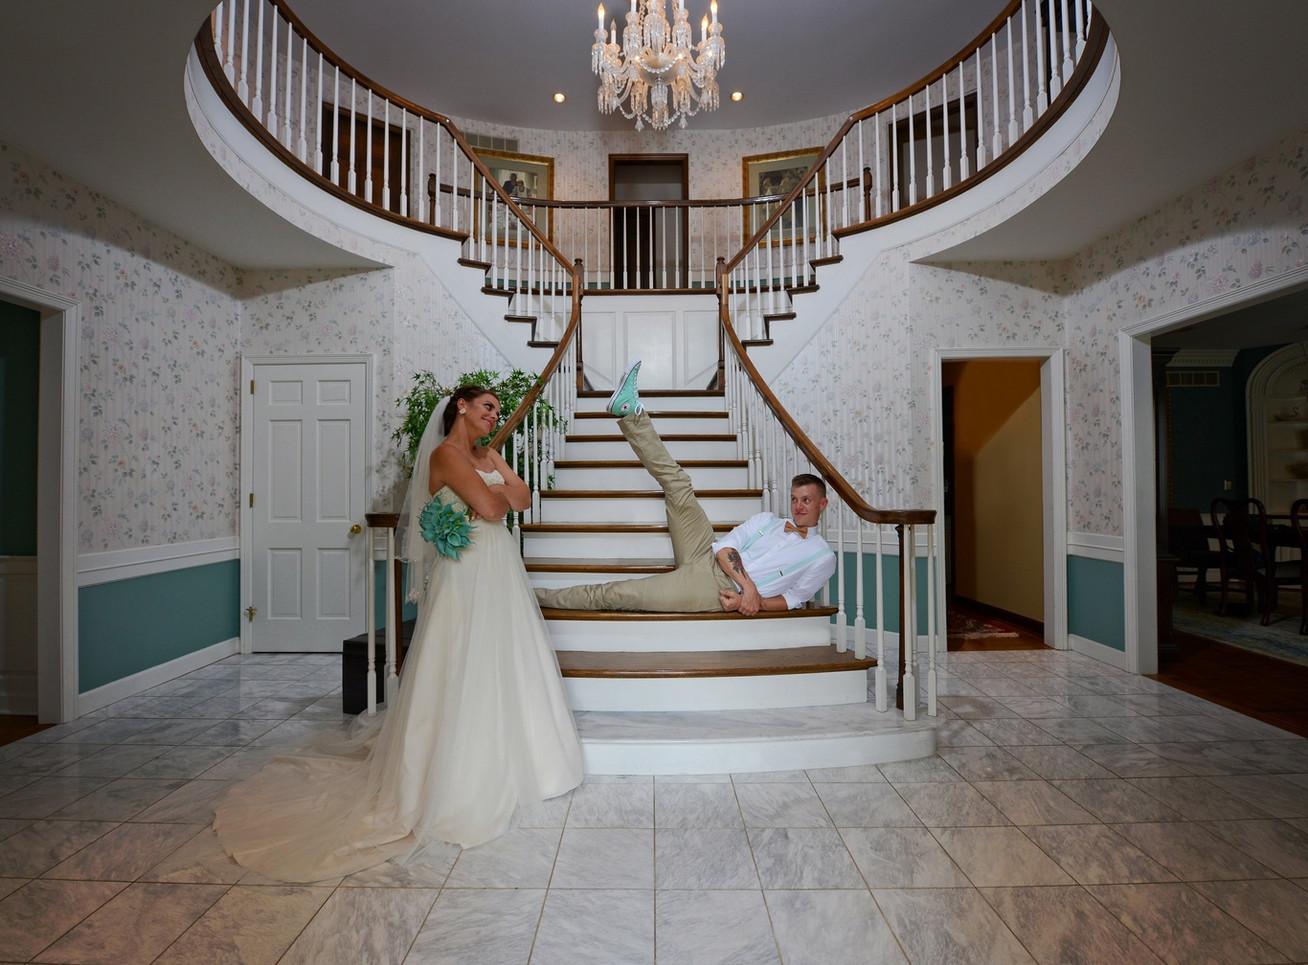 Nicole+&+Brian+Wedding+-+8249.jpg